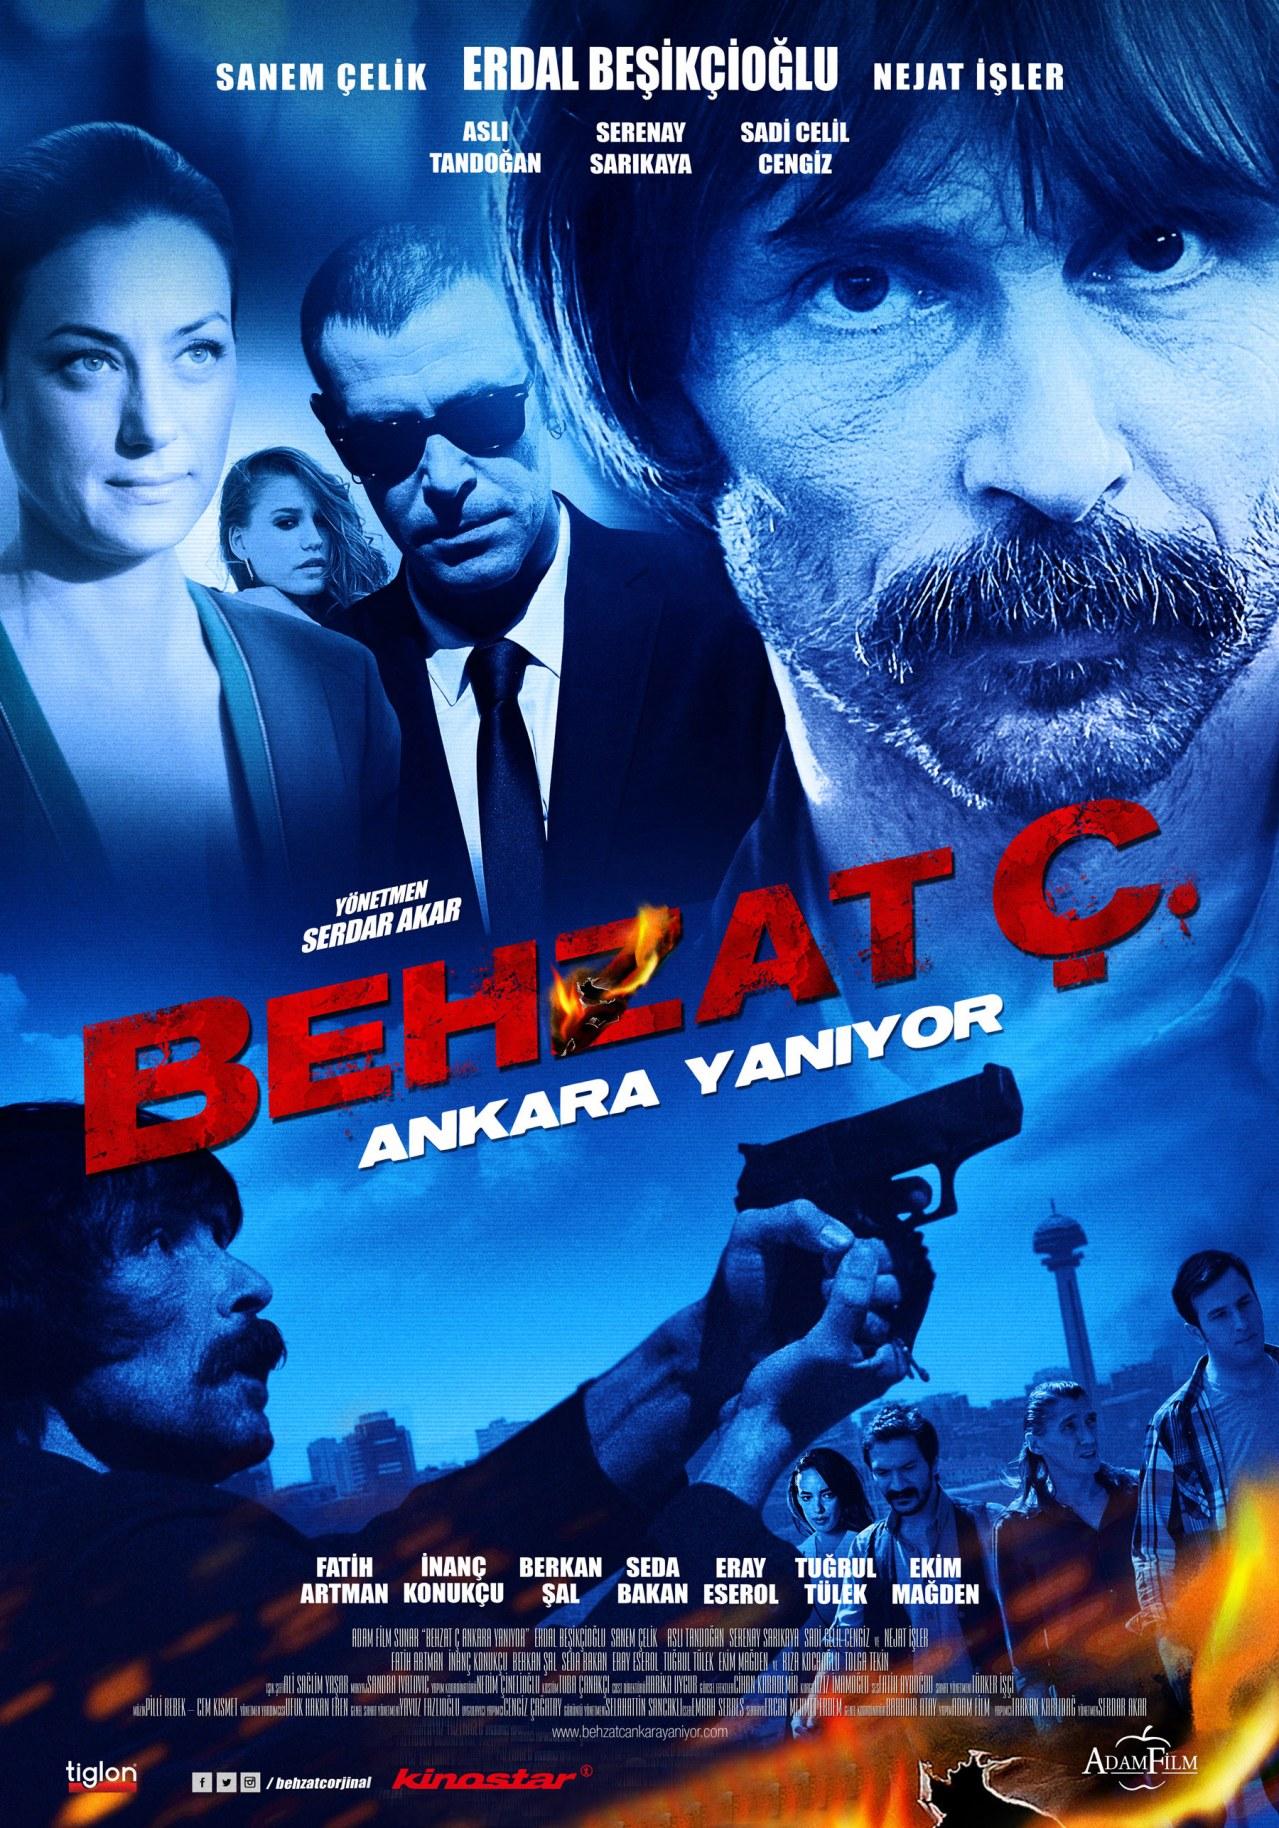 Behzat C. Ankara Yaniyor - Bild 3